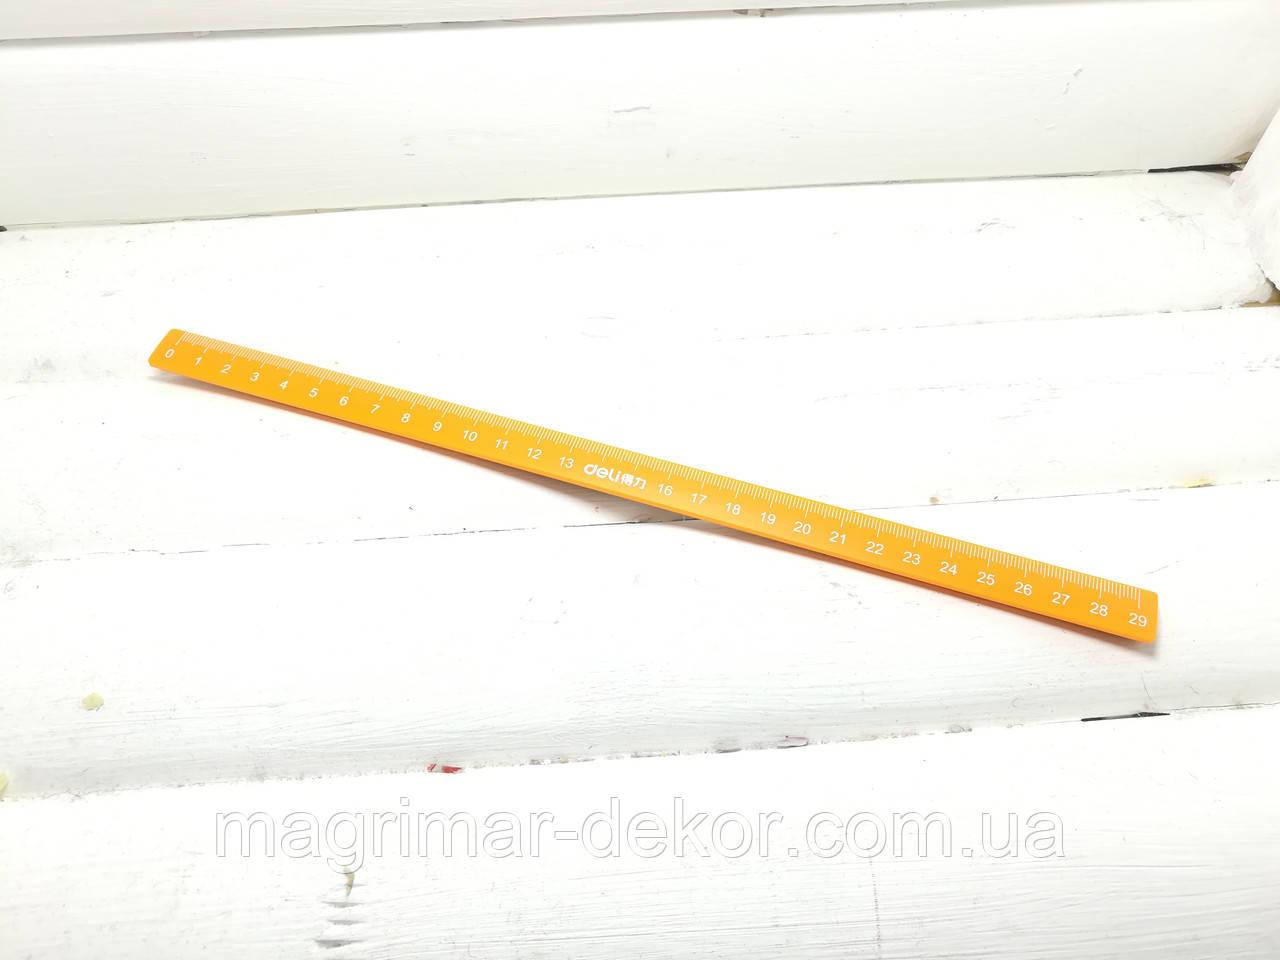 Магнитная линейка для доски Deli 29см